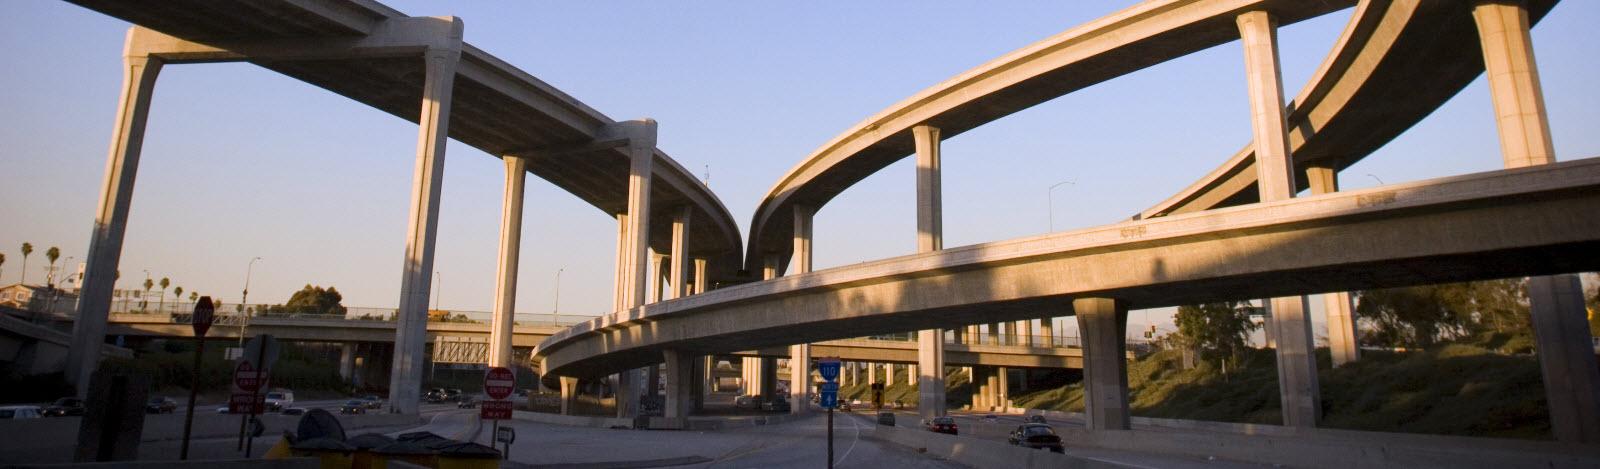 Overpass 1600×470